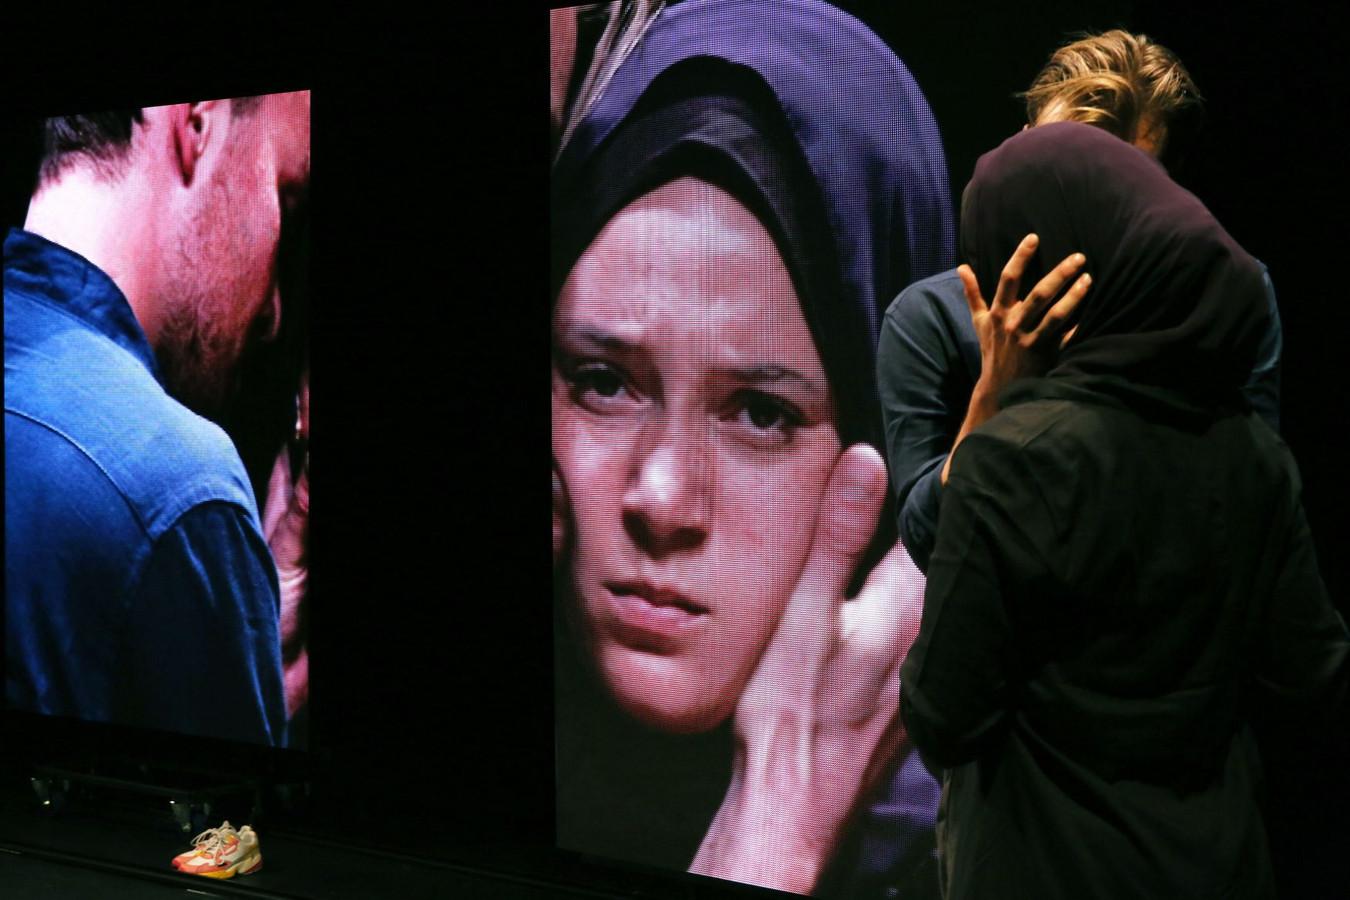 Scène uit het toneelstuk over Laura H.